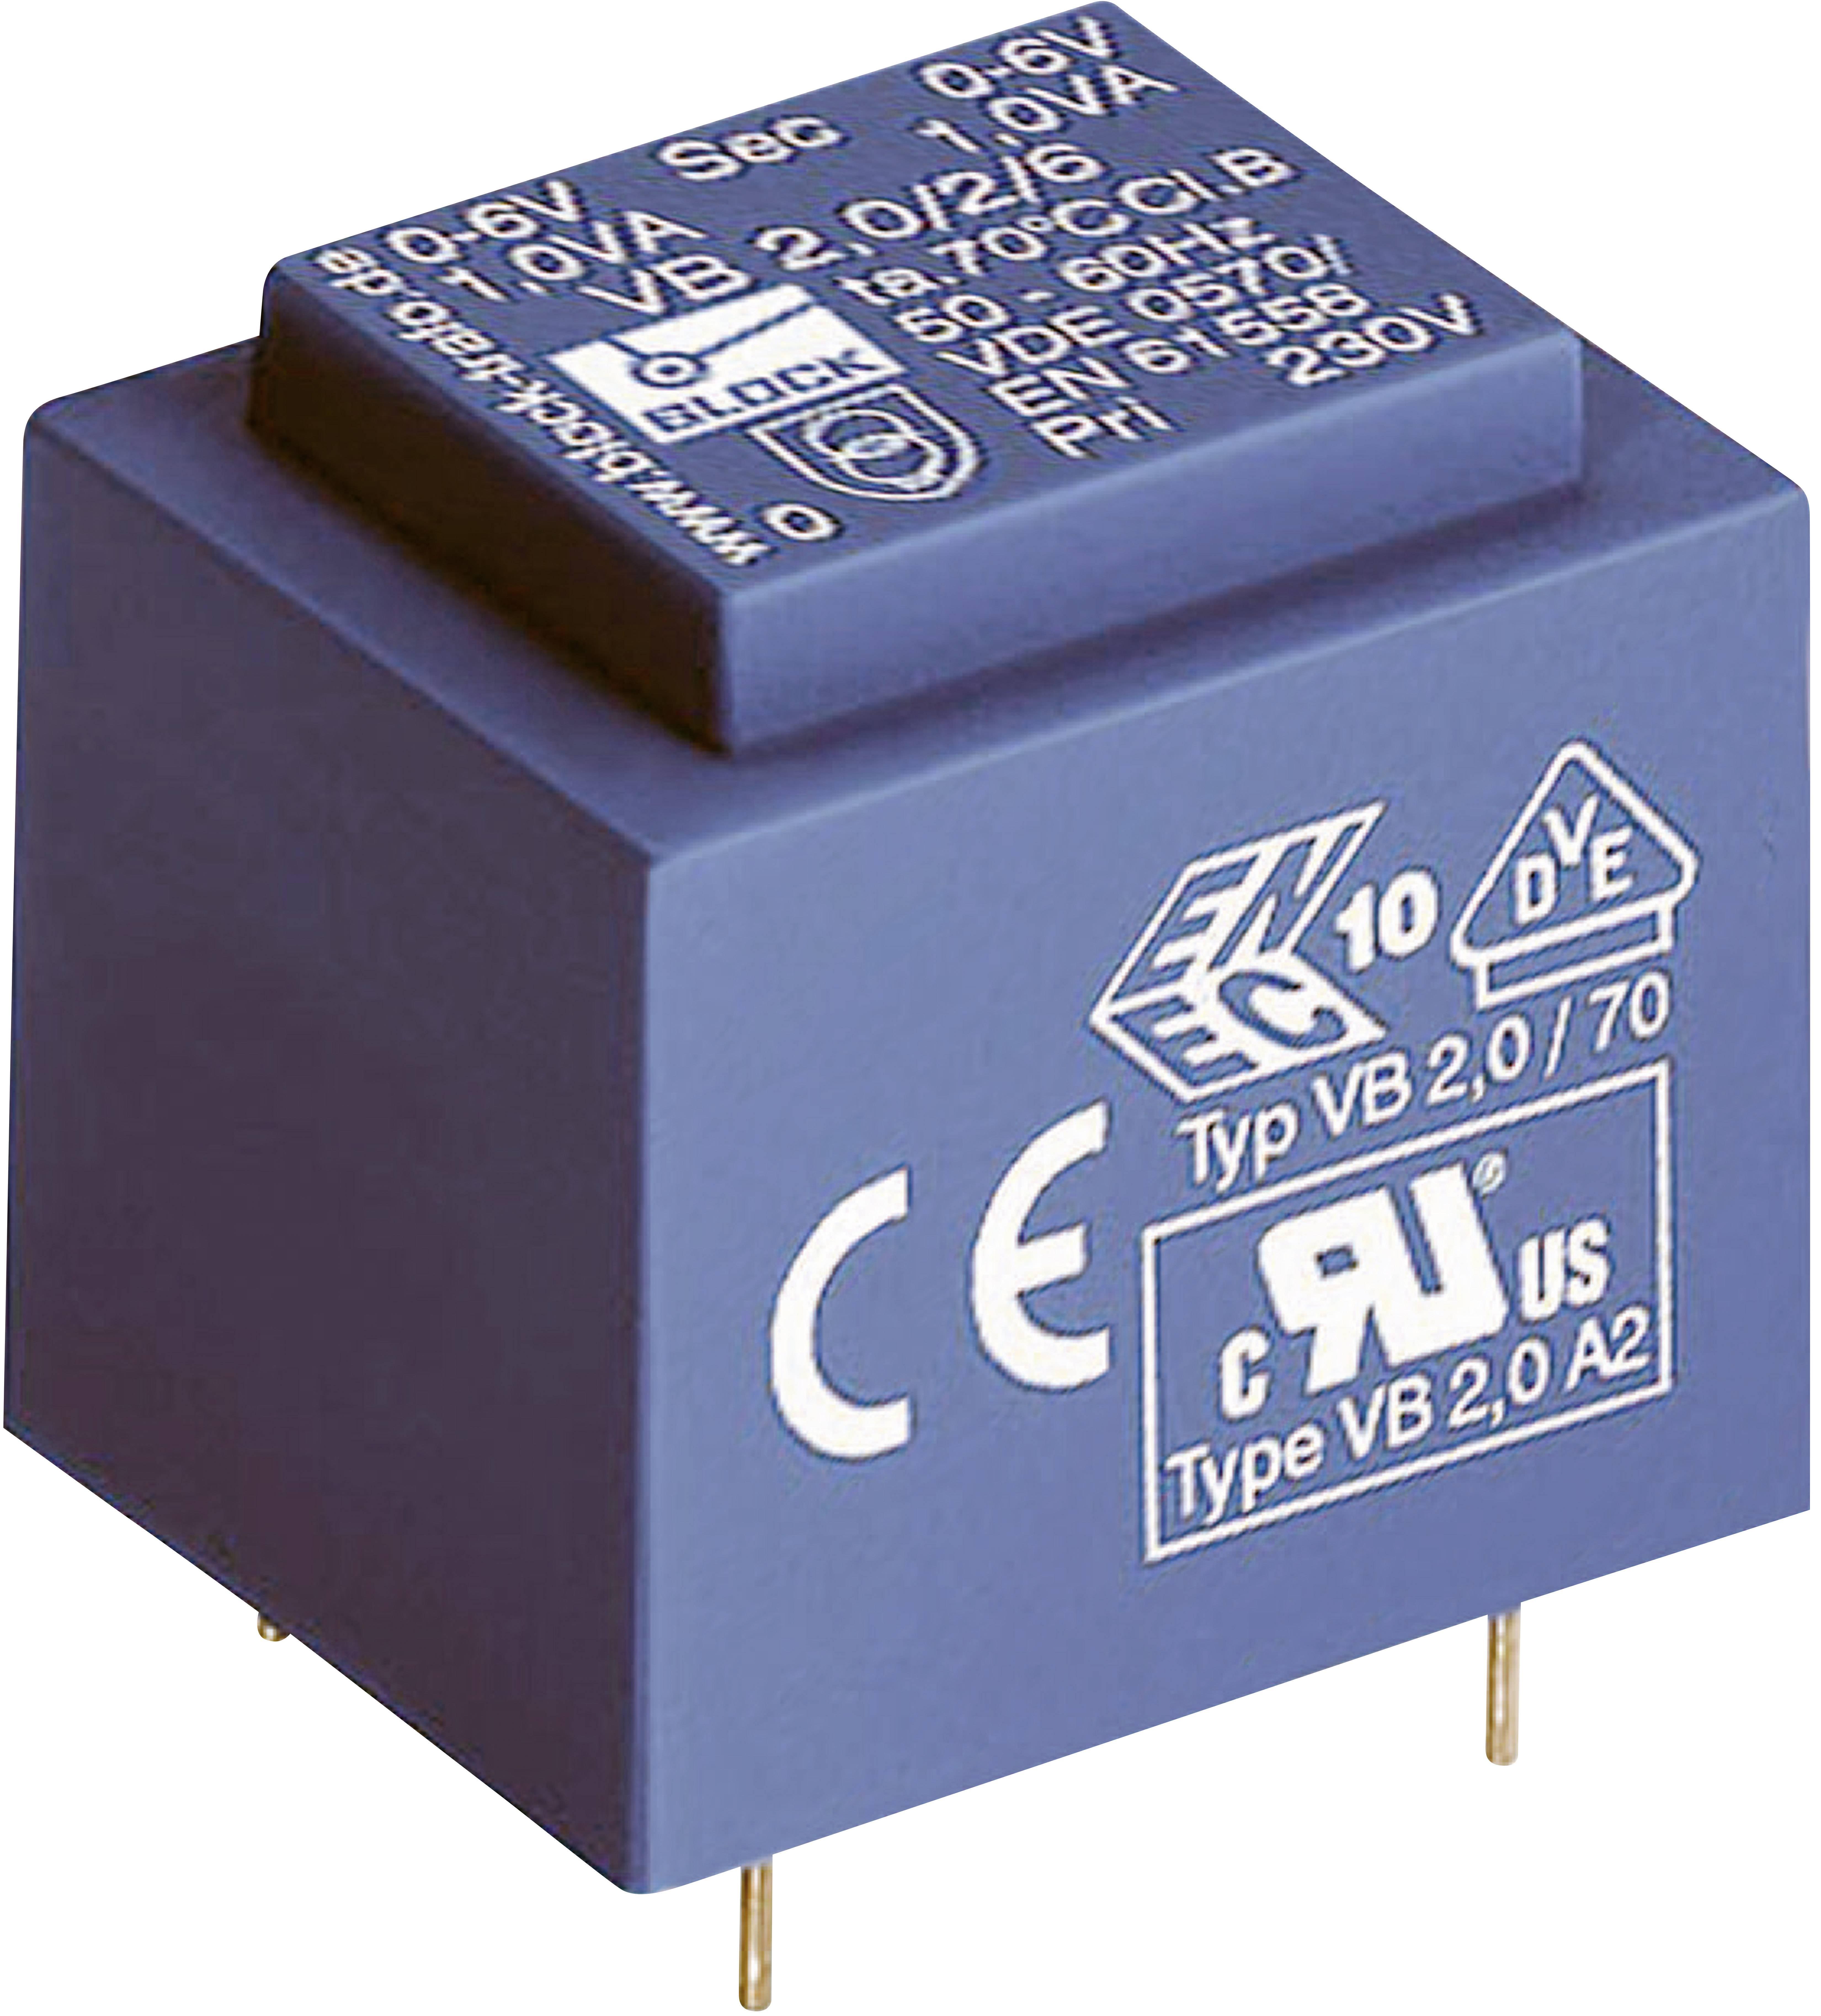 Transformátor do DPS Block VB 3,2/2/12, 3.2 VA